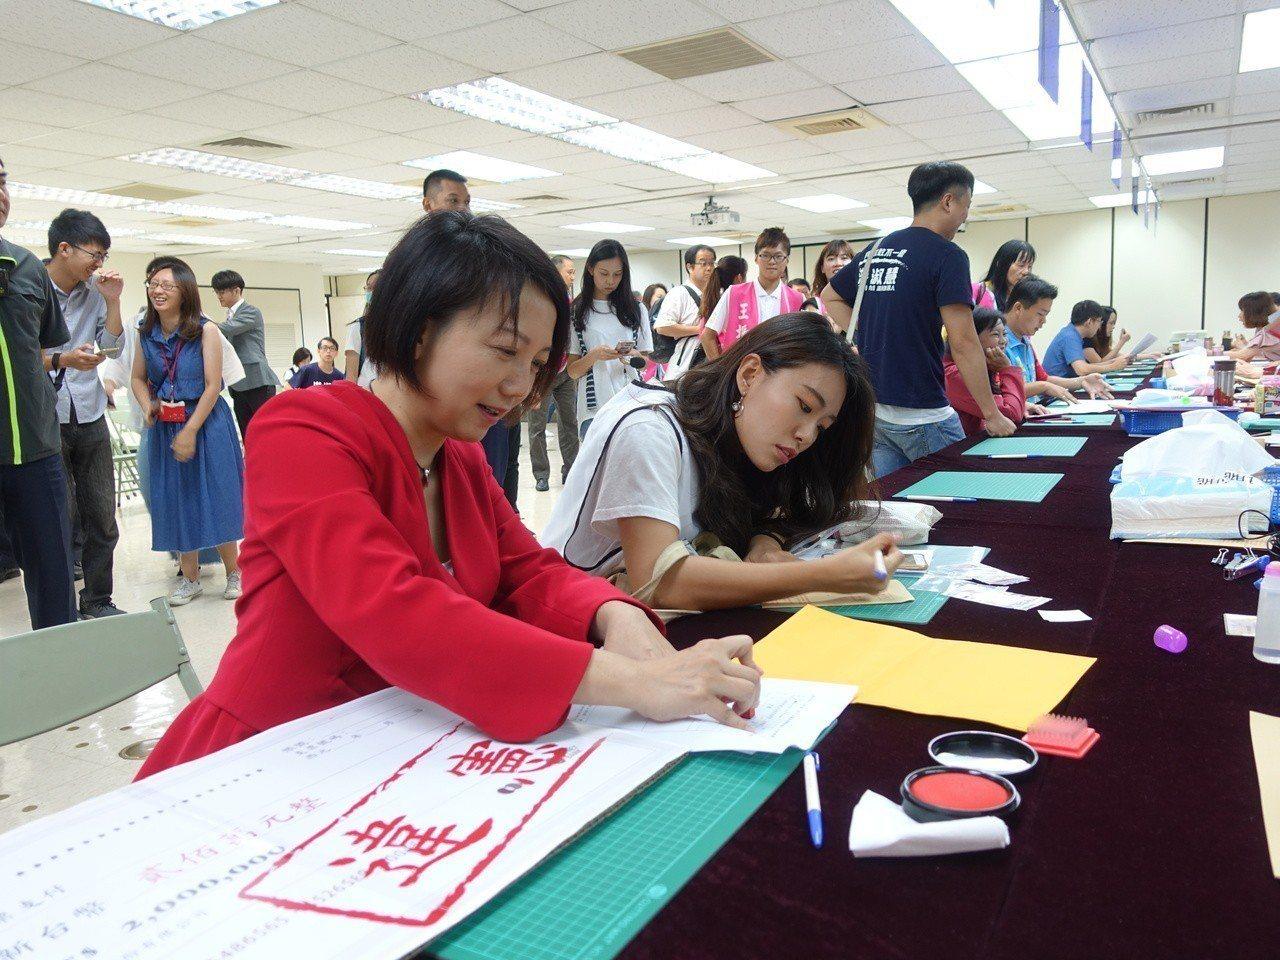 社民黨主席范雲今前往台北市選委會登記參選市長,不過相較於其他市長參選人備妥200...